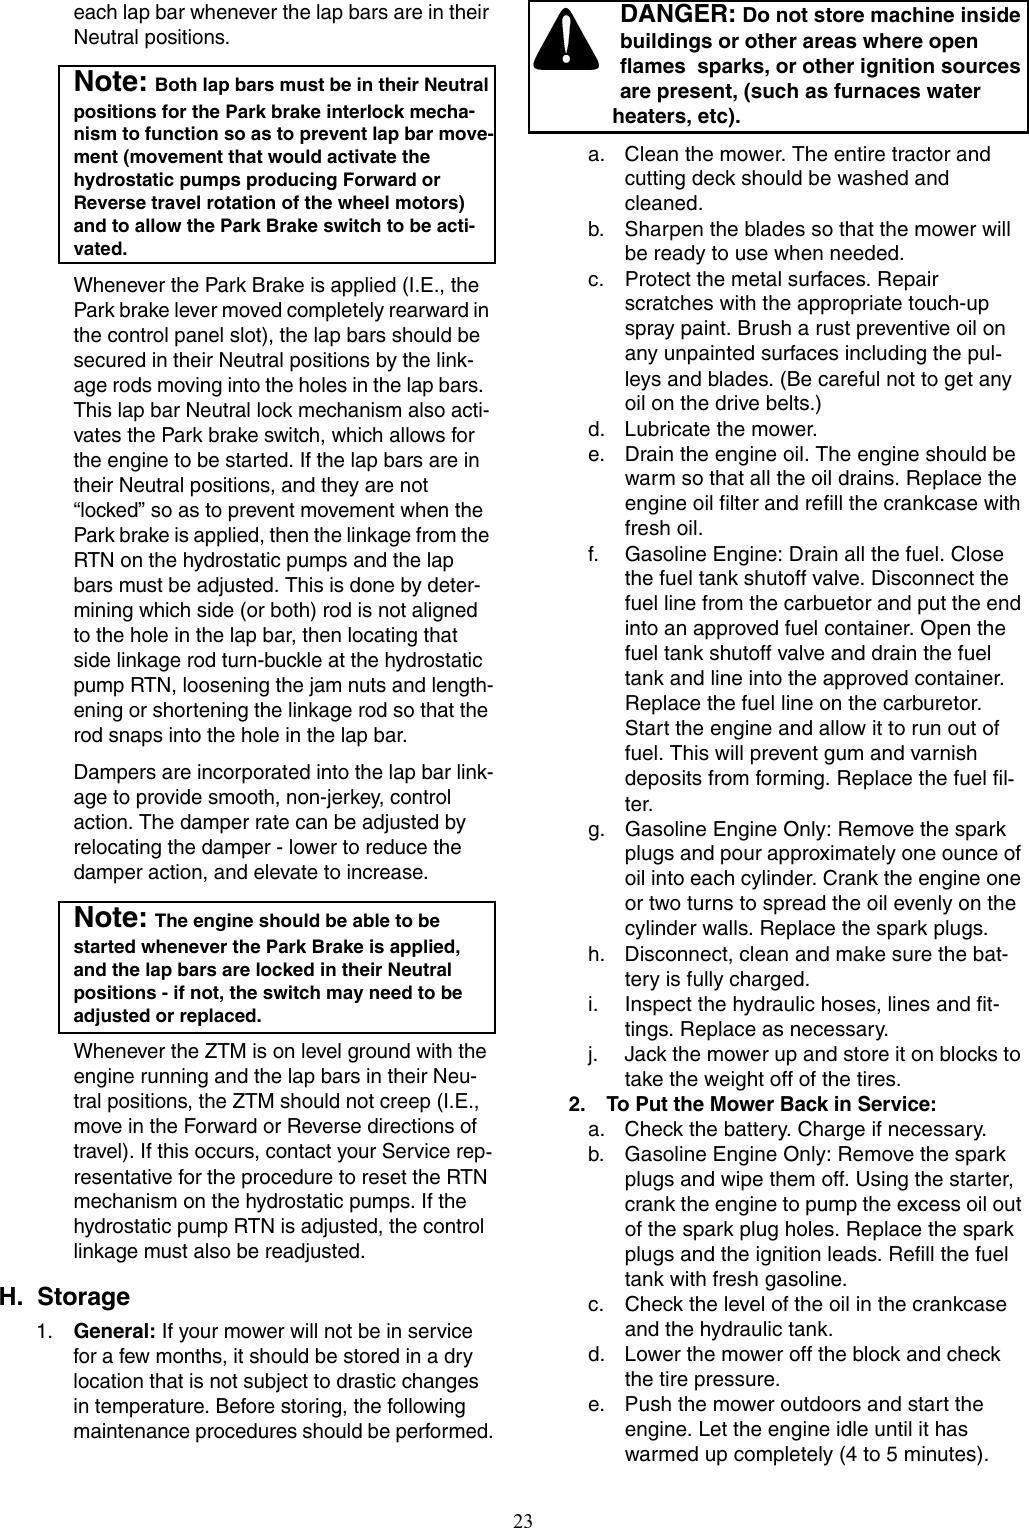 Cub Cadet 53Ah8St5050 Users Manual 02004391 Rev08_0